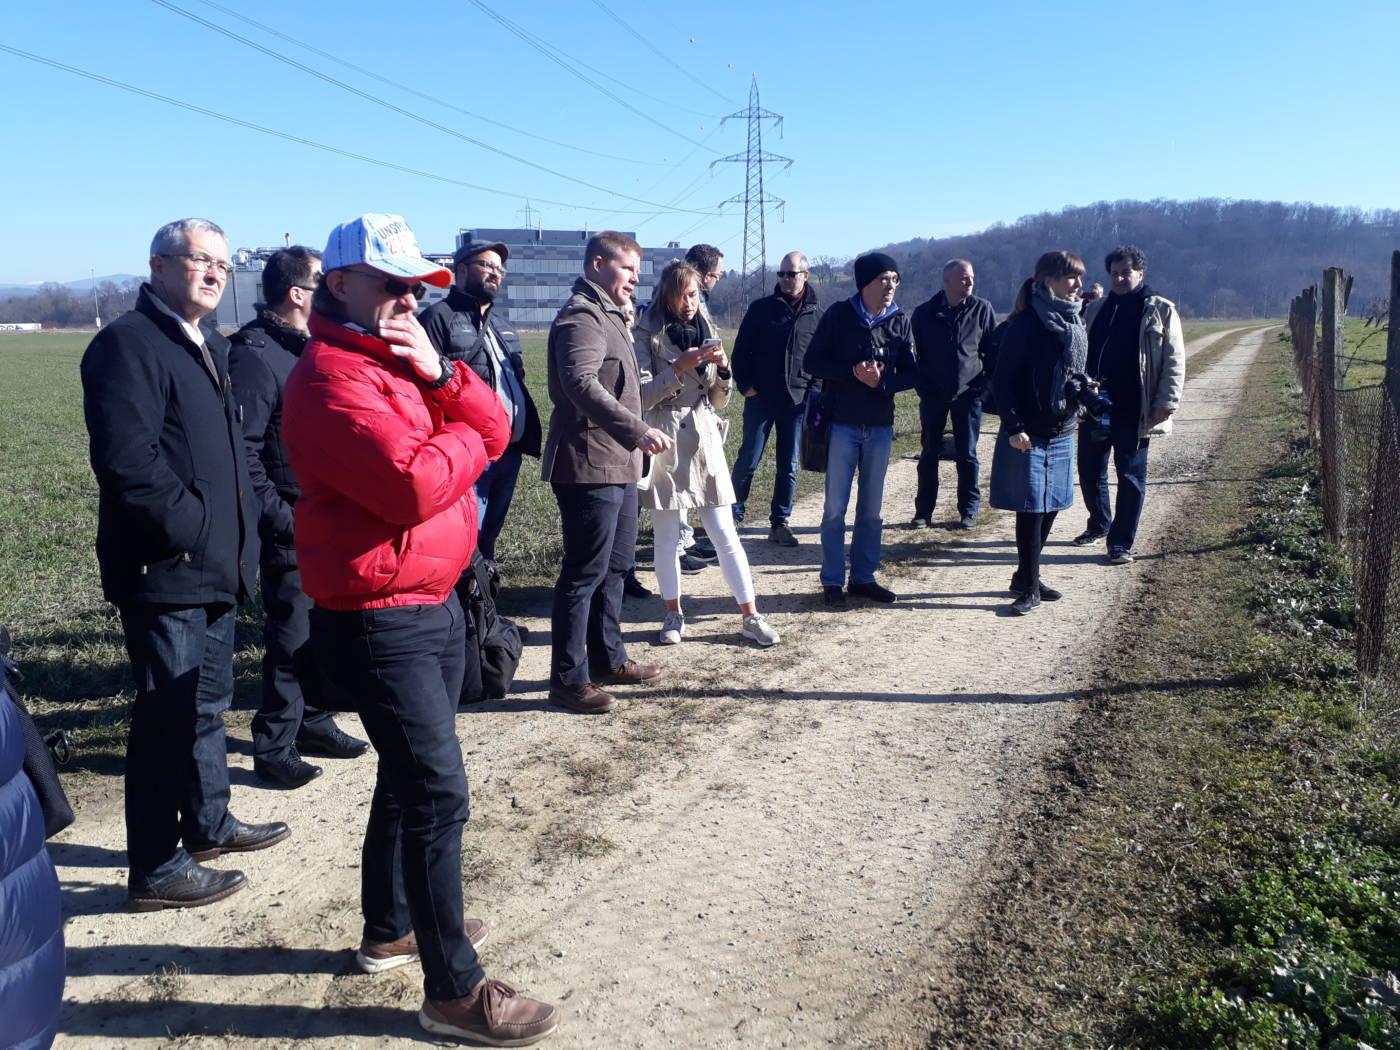 Medienkonferenz mit Arealbegehung, Eidgenössisches Schwing- und Älplerfest Pratteln im Baselbiet | ESAF 2022